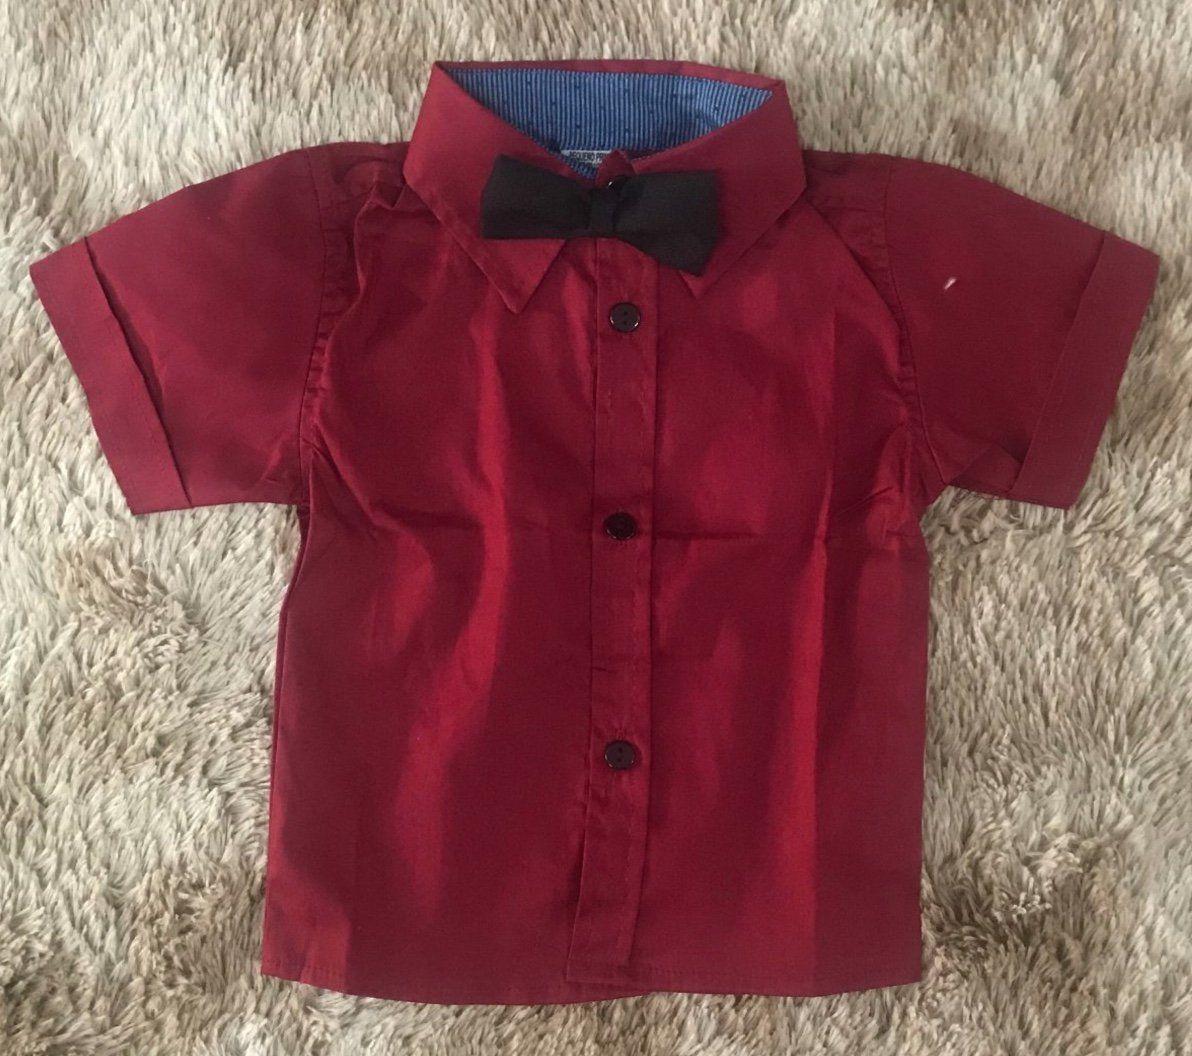 Camisa Vermelha com Gravata Borboleta